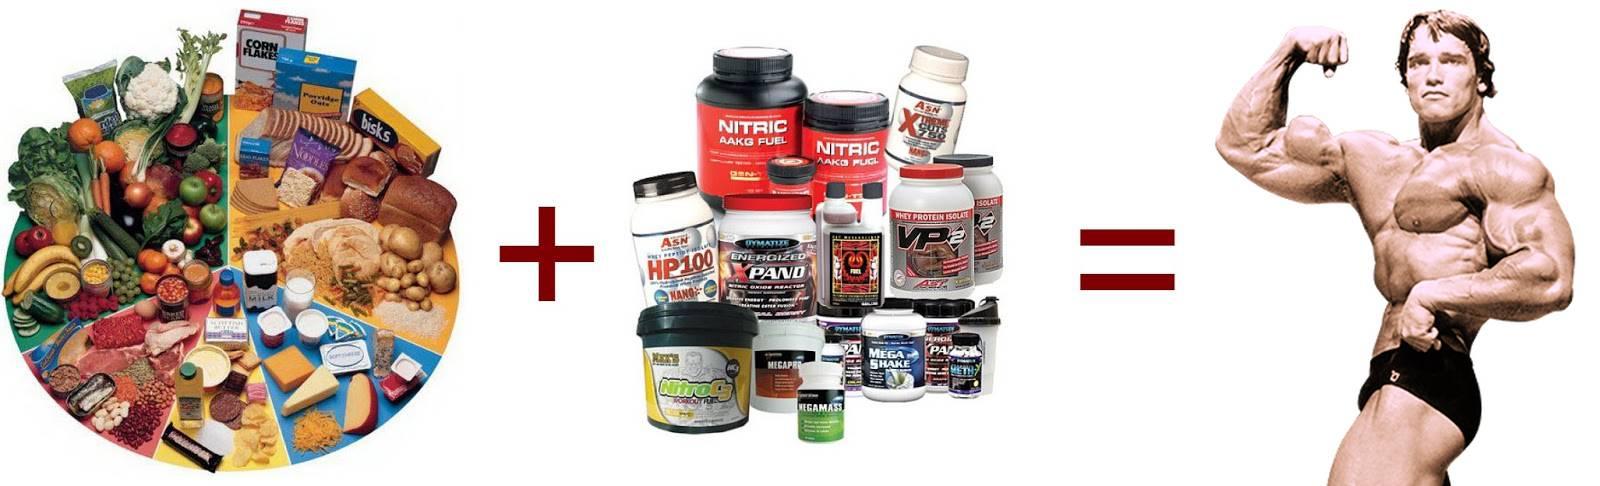 Питание до и после тренировки: лучшее время и продукты для набора мышечной массы